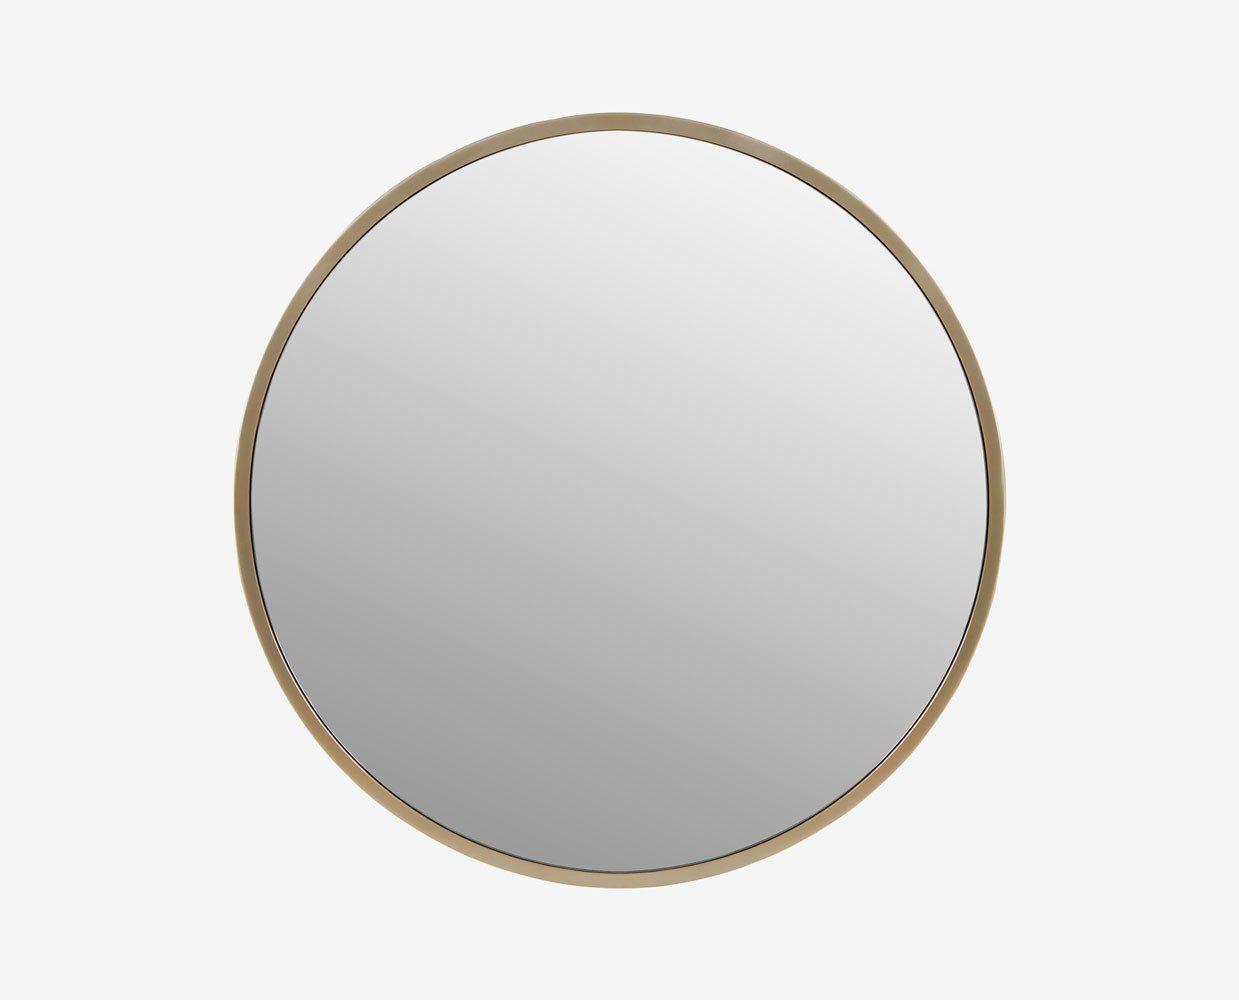 Maia 48 Round Mirrors Round Gold Mirror Mirror 48 inch round mirror